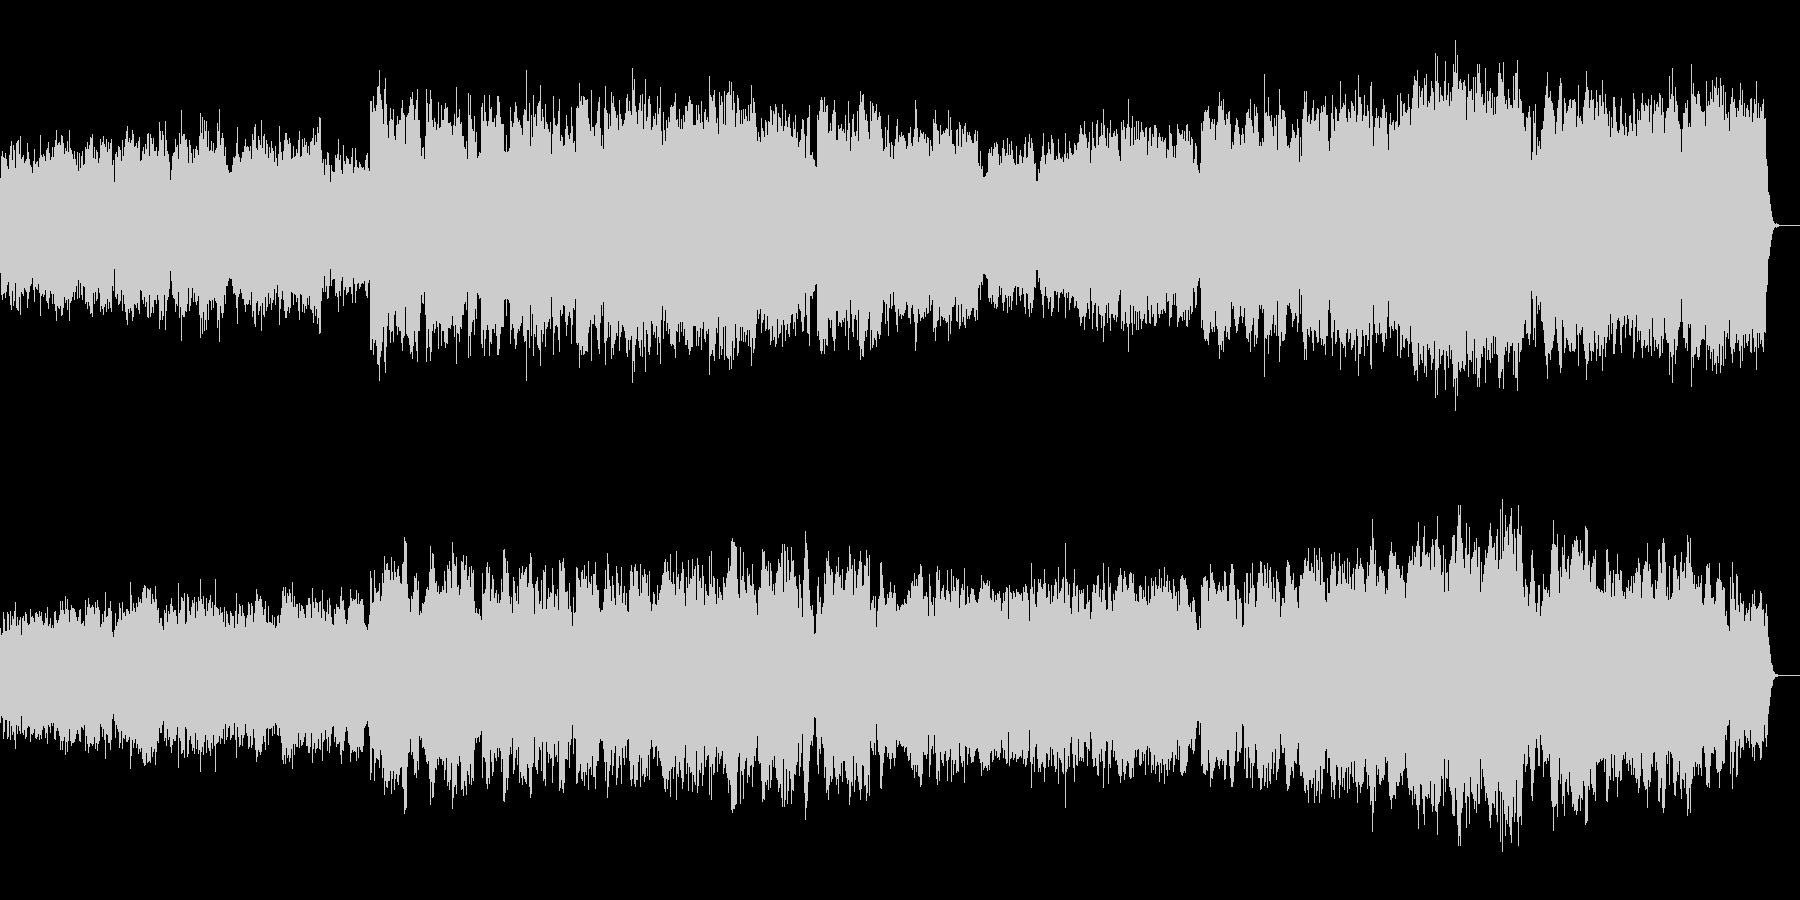 ファゴットの音色を活かした音楽ですの未再生の波形